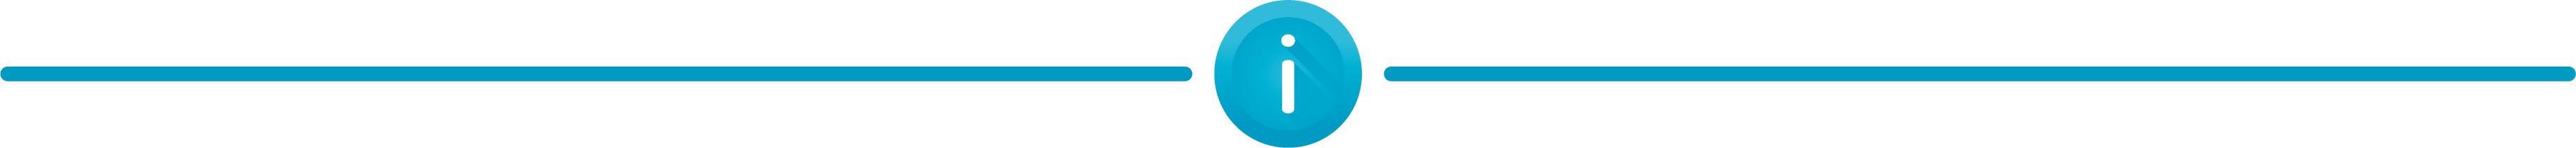 Precxis outils dentaires et medicaux - Image info